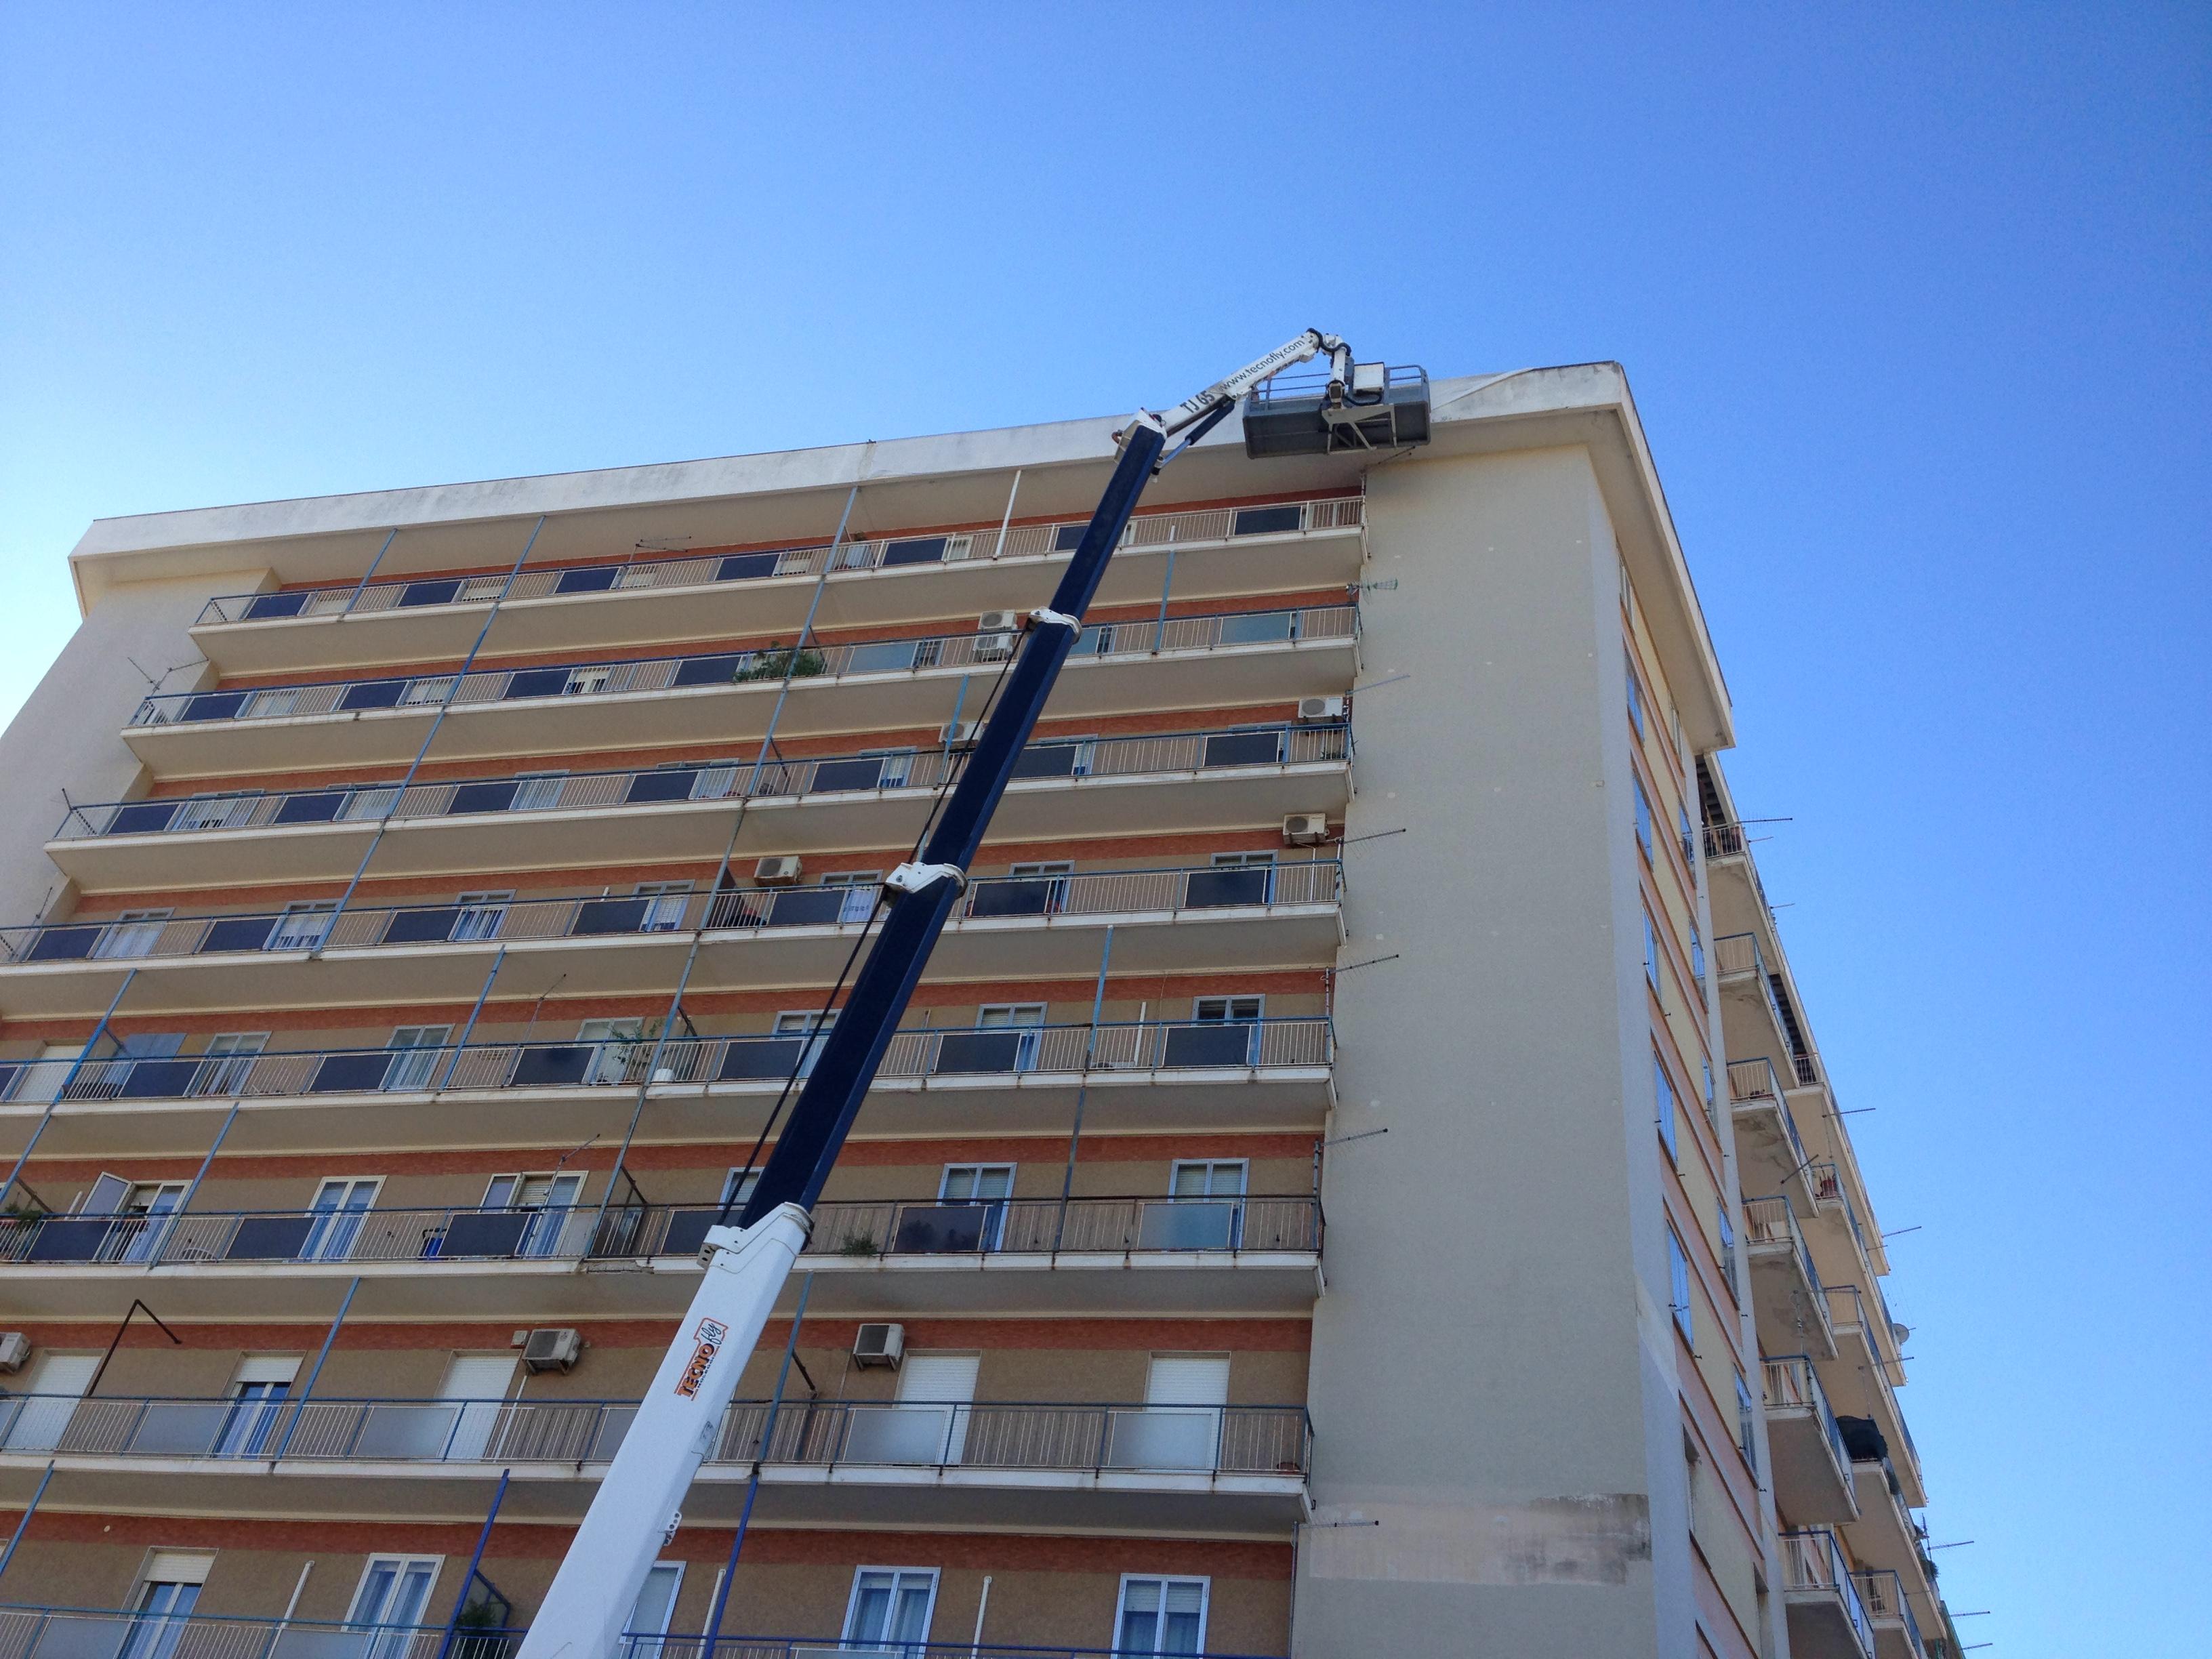 Condominio genovese cassia - Condominio lavori ...